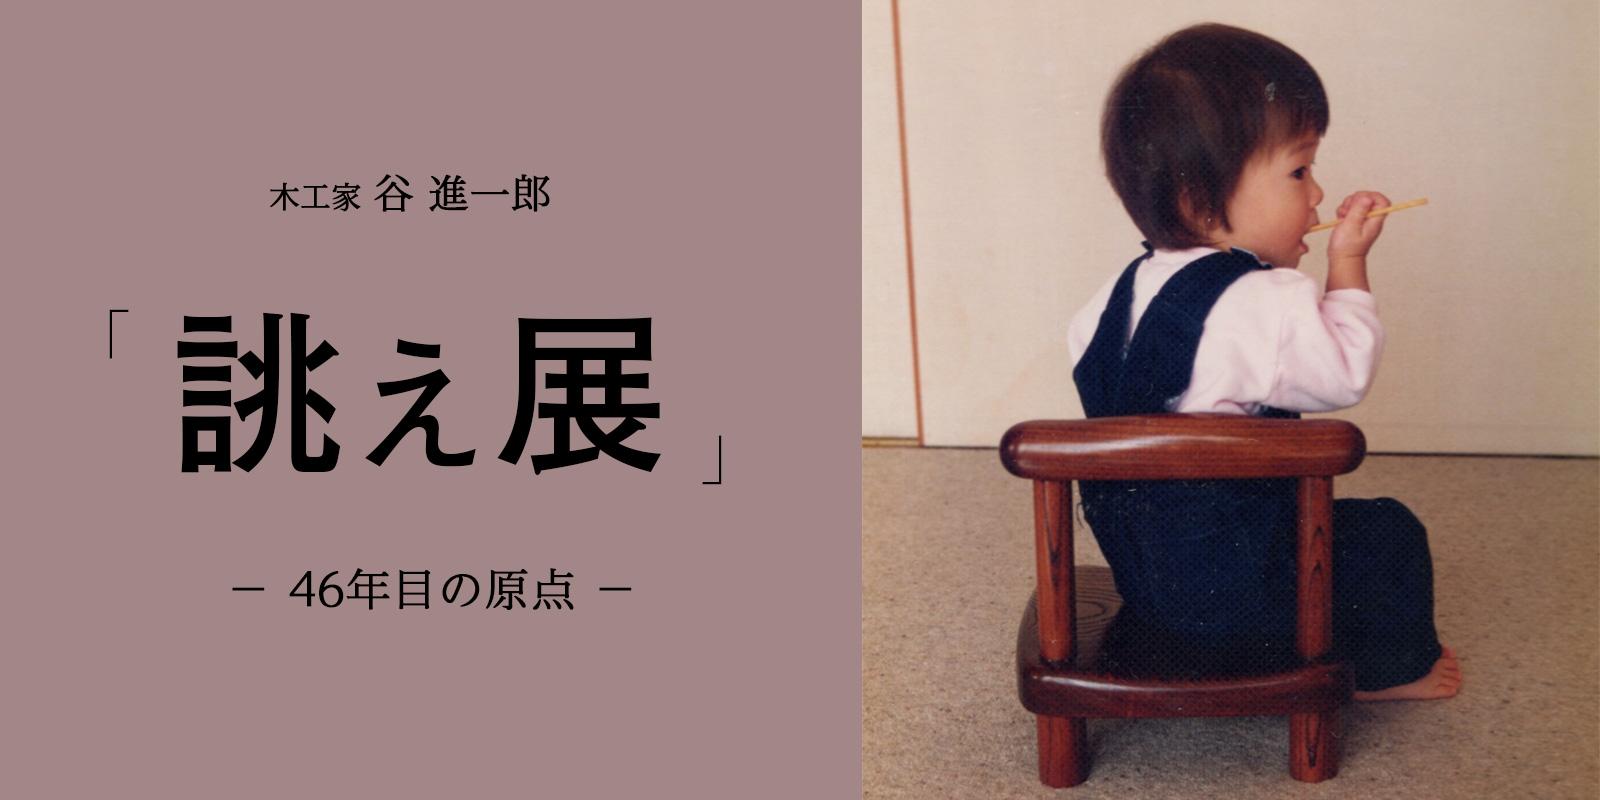 谷進一郎「誂え展」